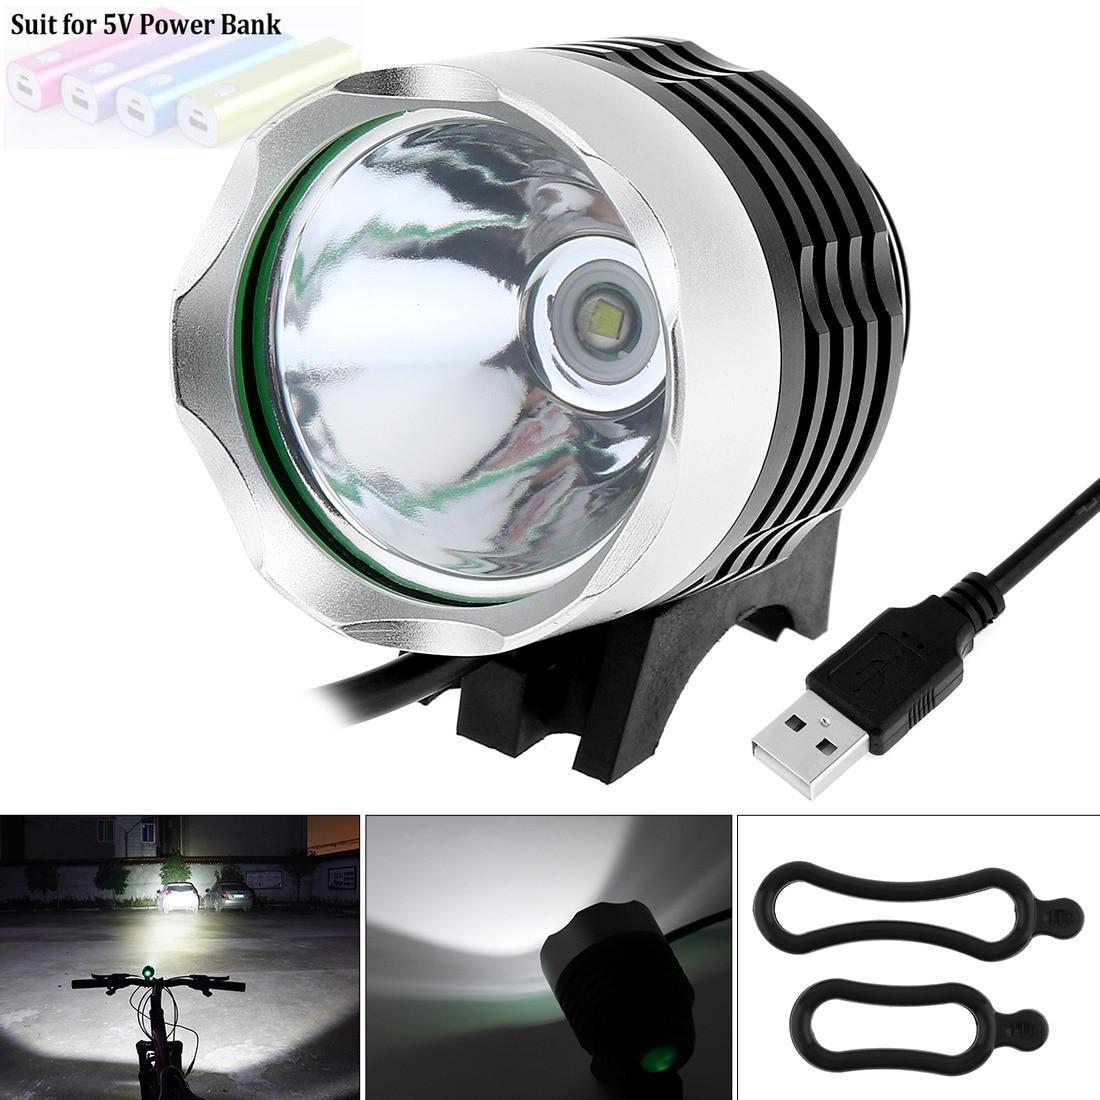 Értékesítés 1200 Lumen XM-L T6 LED Kerékpár könnyű kerékpár Kerékpár Kerékpár Kerékpár Kerékpár Kerékpár Kerékpár és USB